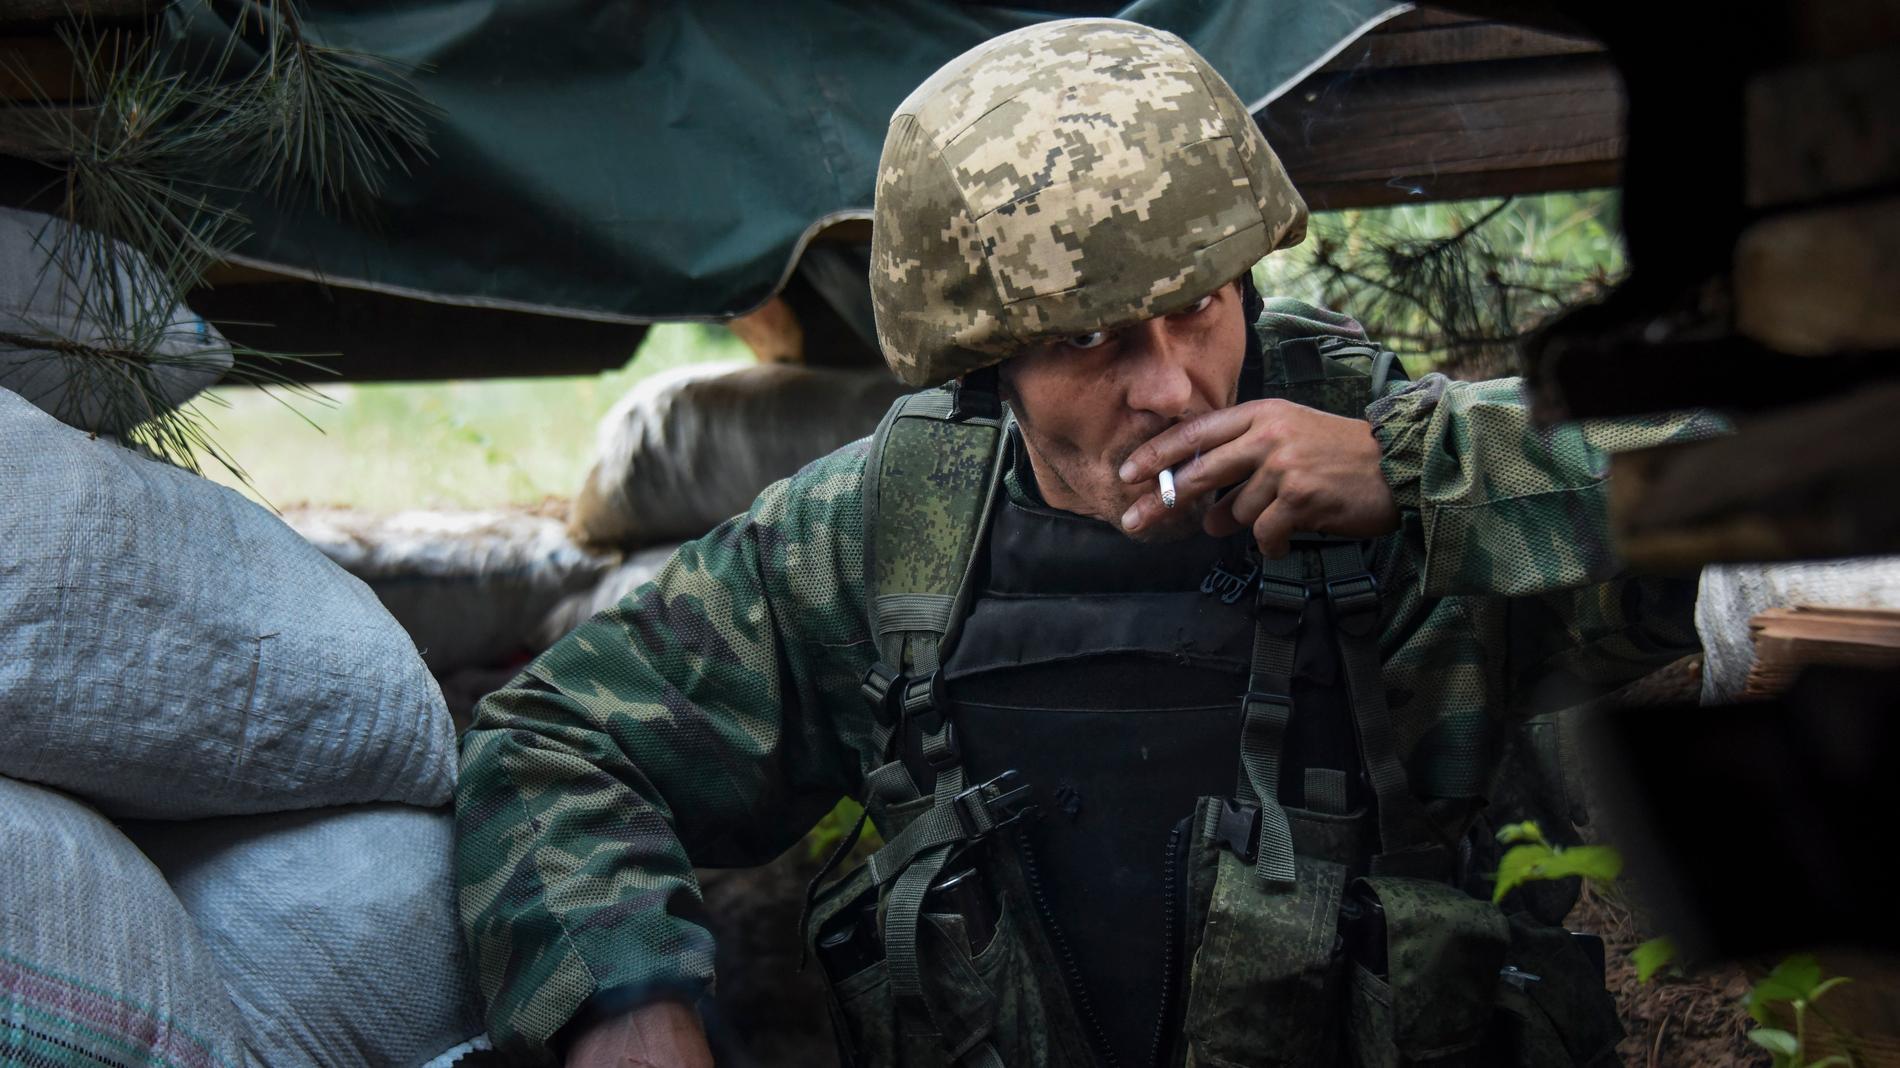 En ryskstödd separatist i östra Ukraina. Arkivbild.